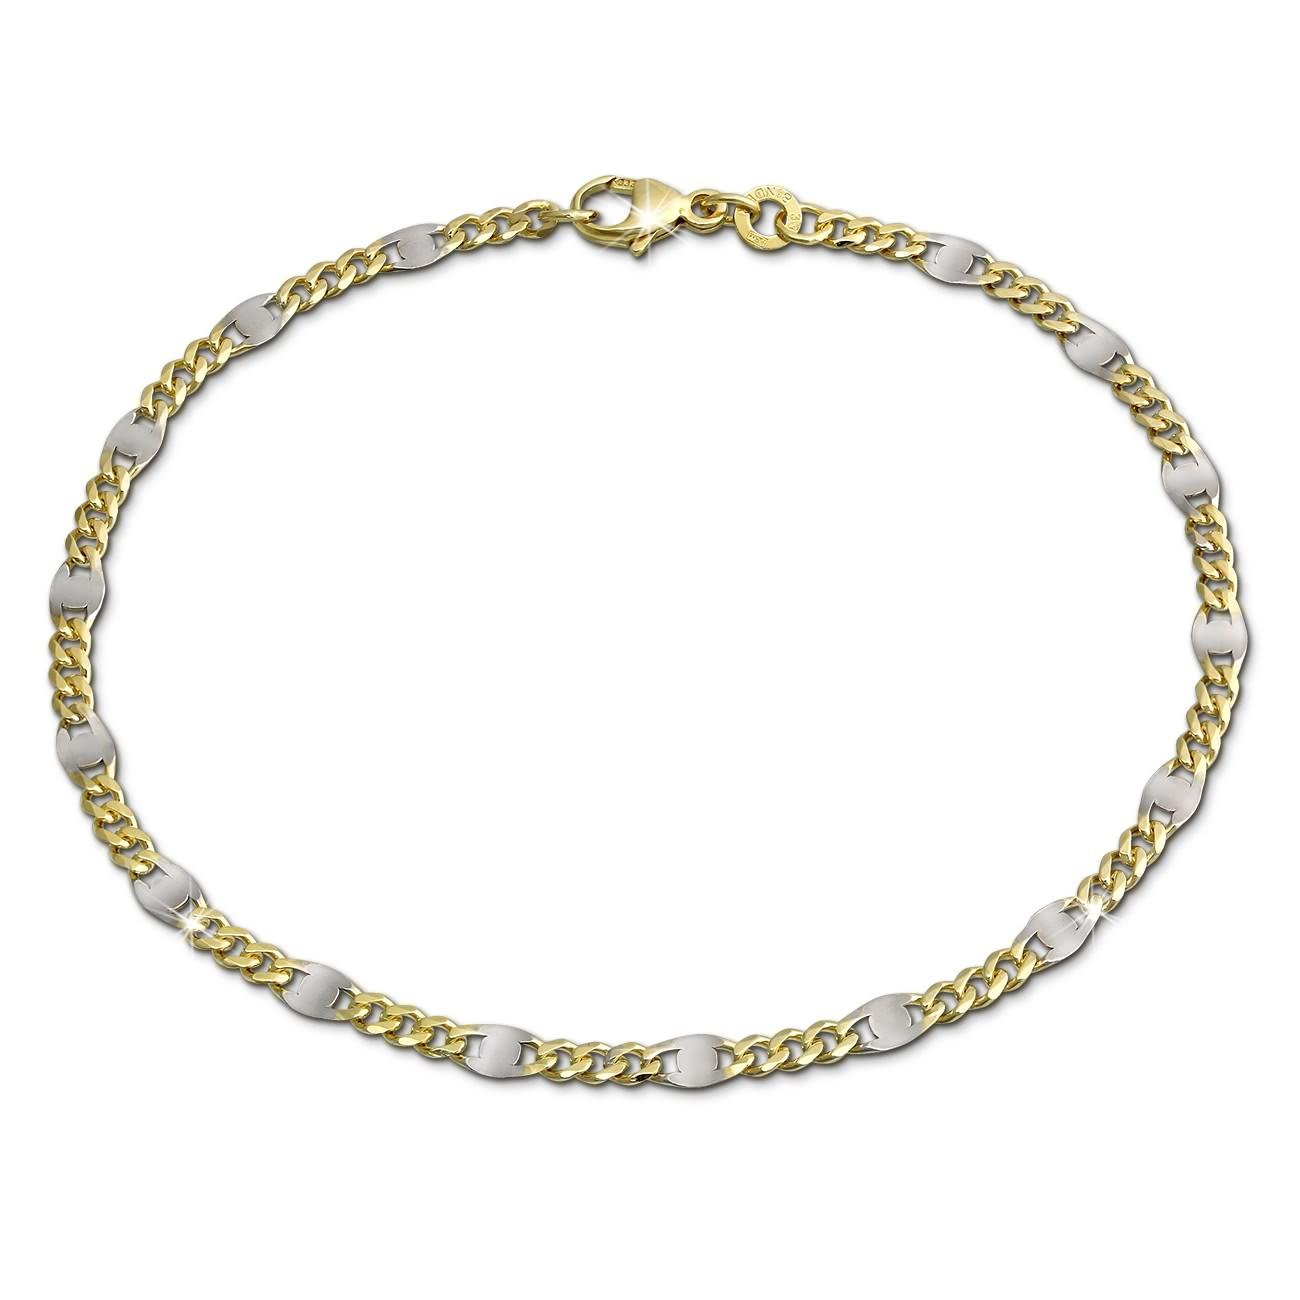 GoldDream Armband Plättchen 333 Gelbgold Damen 19cm 8 Karat GDA0049T